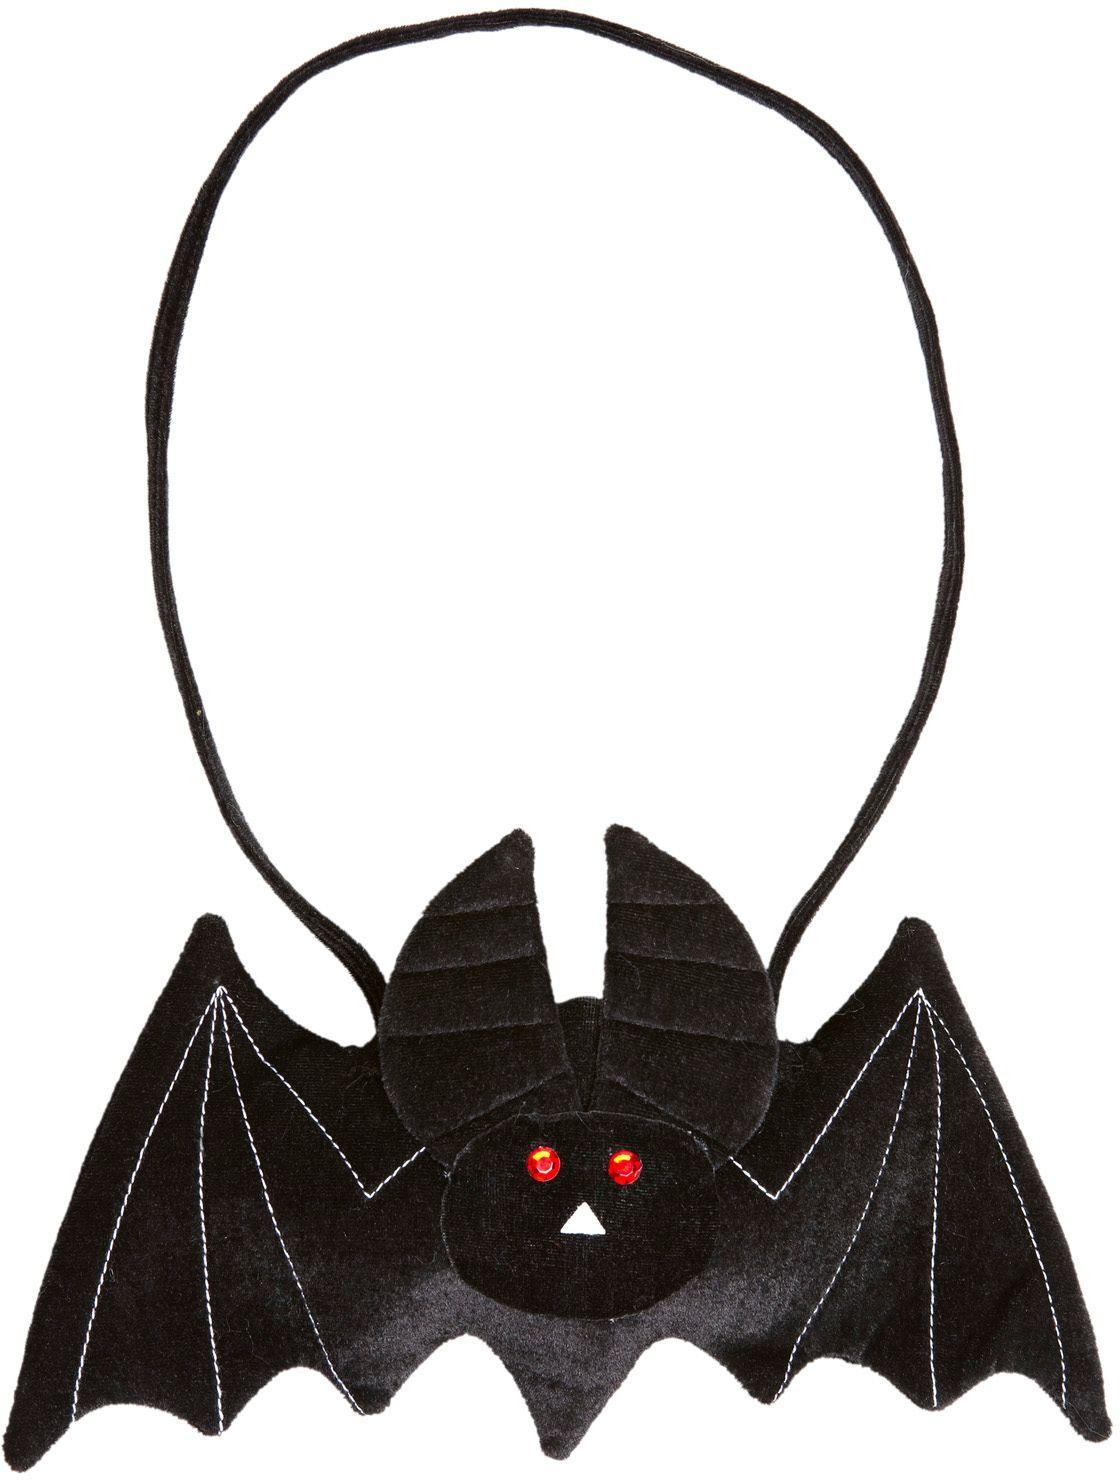 Vleermuis handtasje